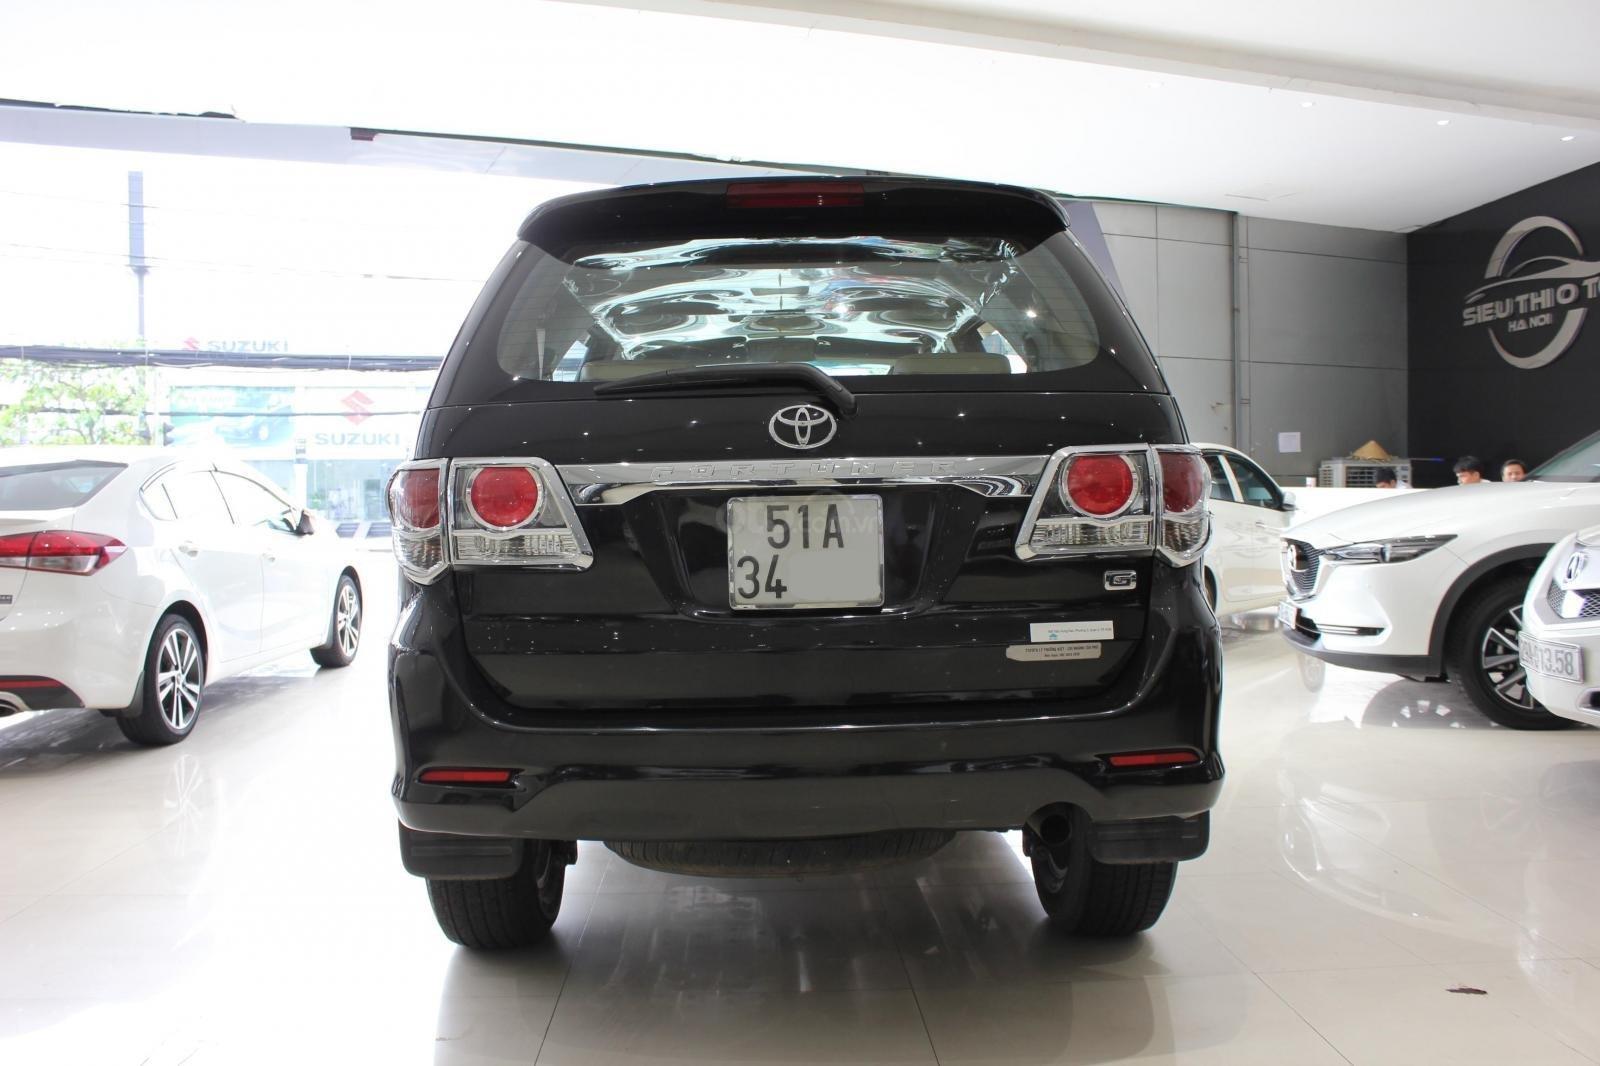 Bán xe Toyota Fortuner 2.5G MT đời 2012, máy dầu, màu đen, biển SG, xe đẹp (4)